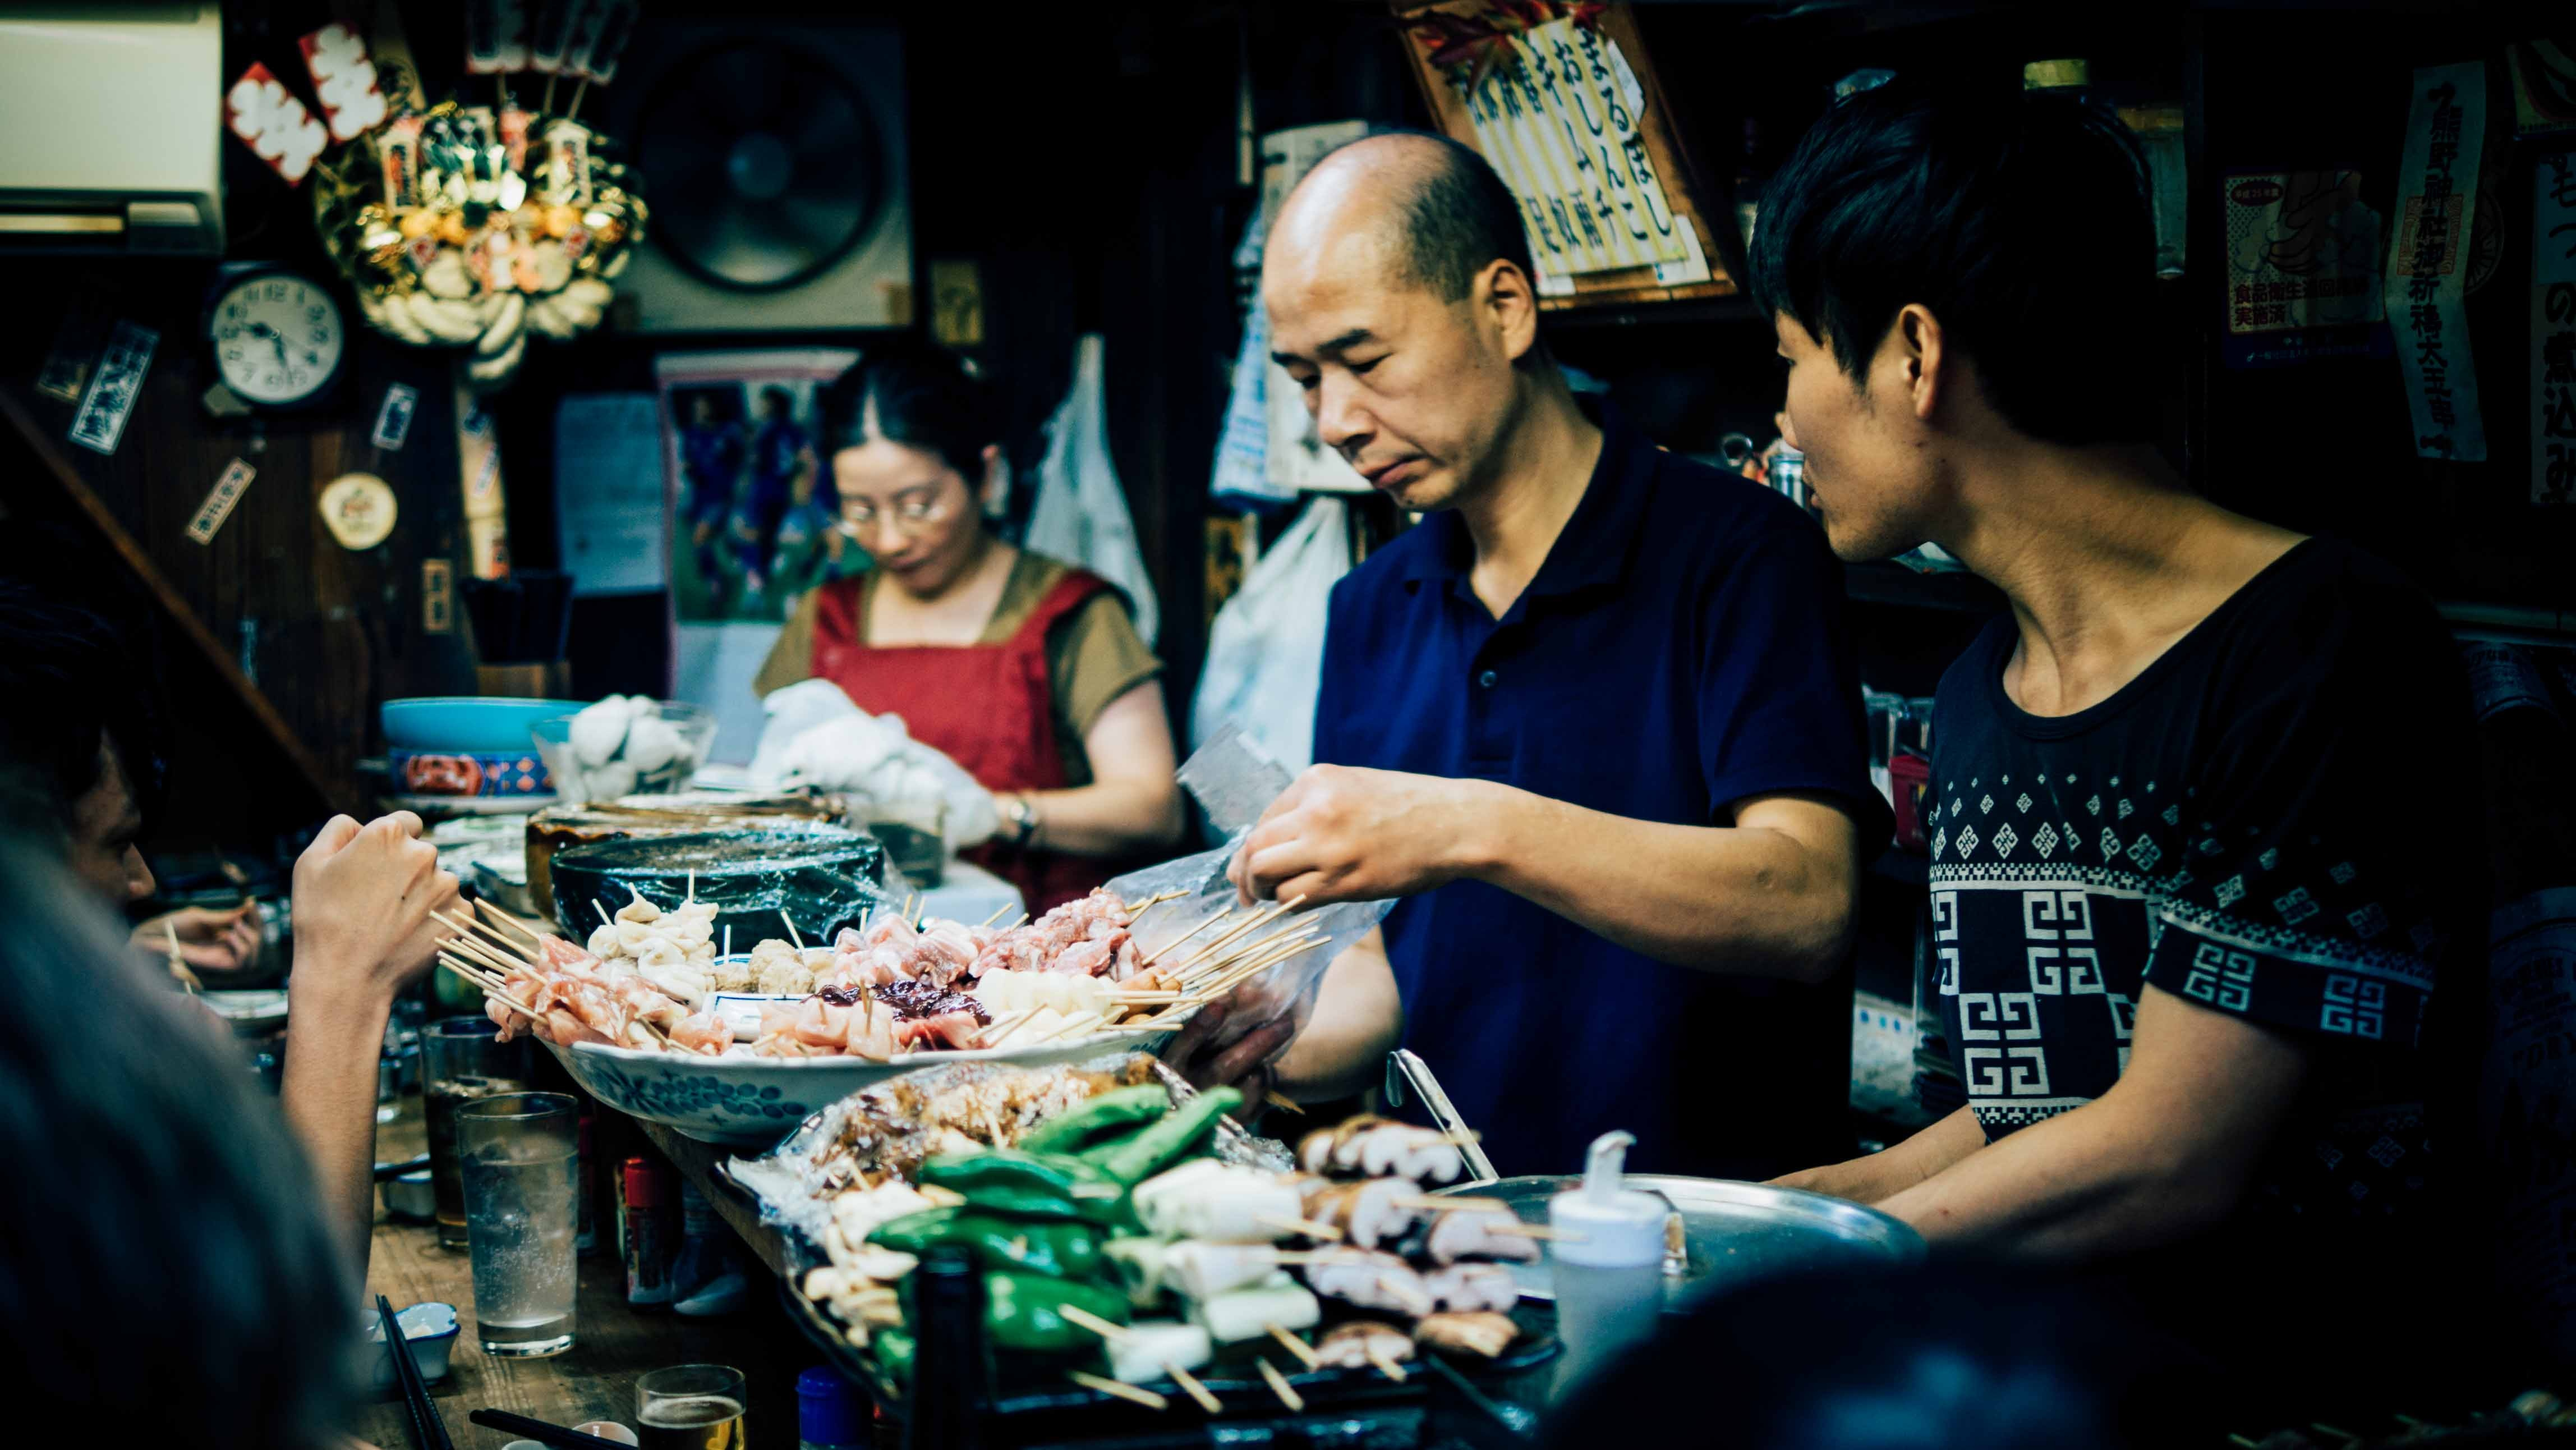 タイ ノマド 生活費